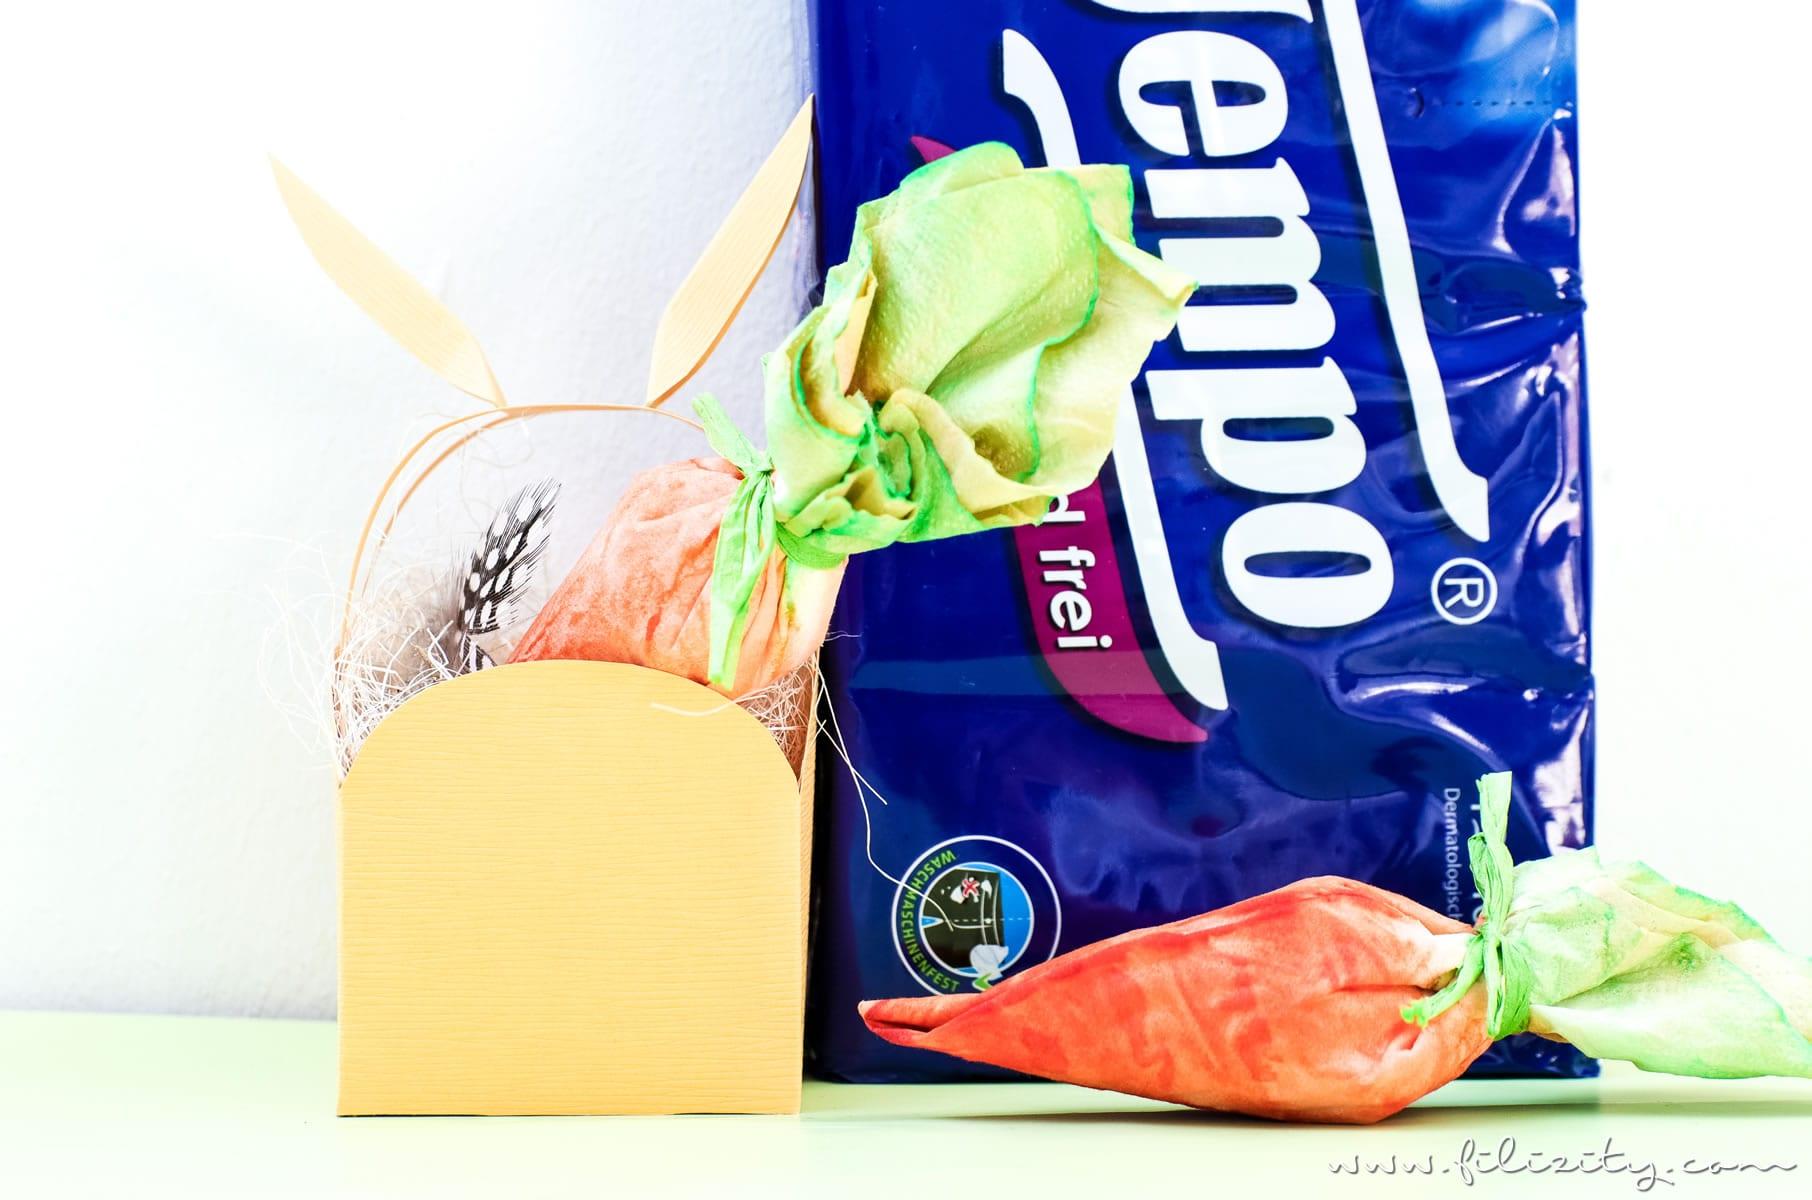 Ostergeschenke verpacken mit DIY Möhrchen-Geschenkverpackung aus Tempo Taschentüchern   Kreative Geschenkverpackung selber machen   Filizity.com   DIY-Blog aus dem Rheinland #tempoworld #tempo #ostern